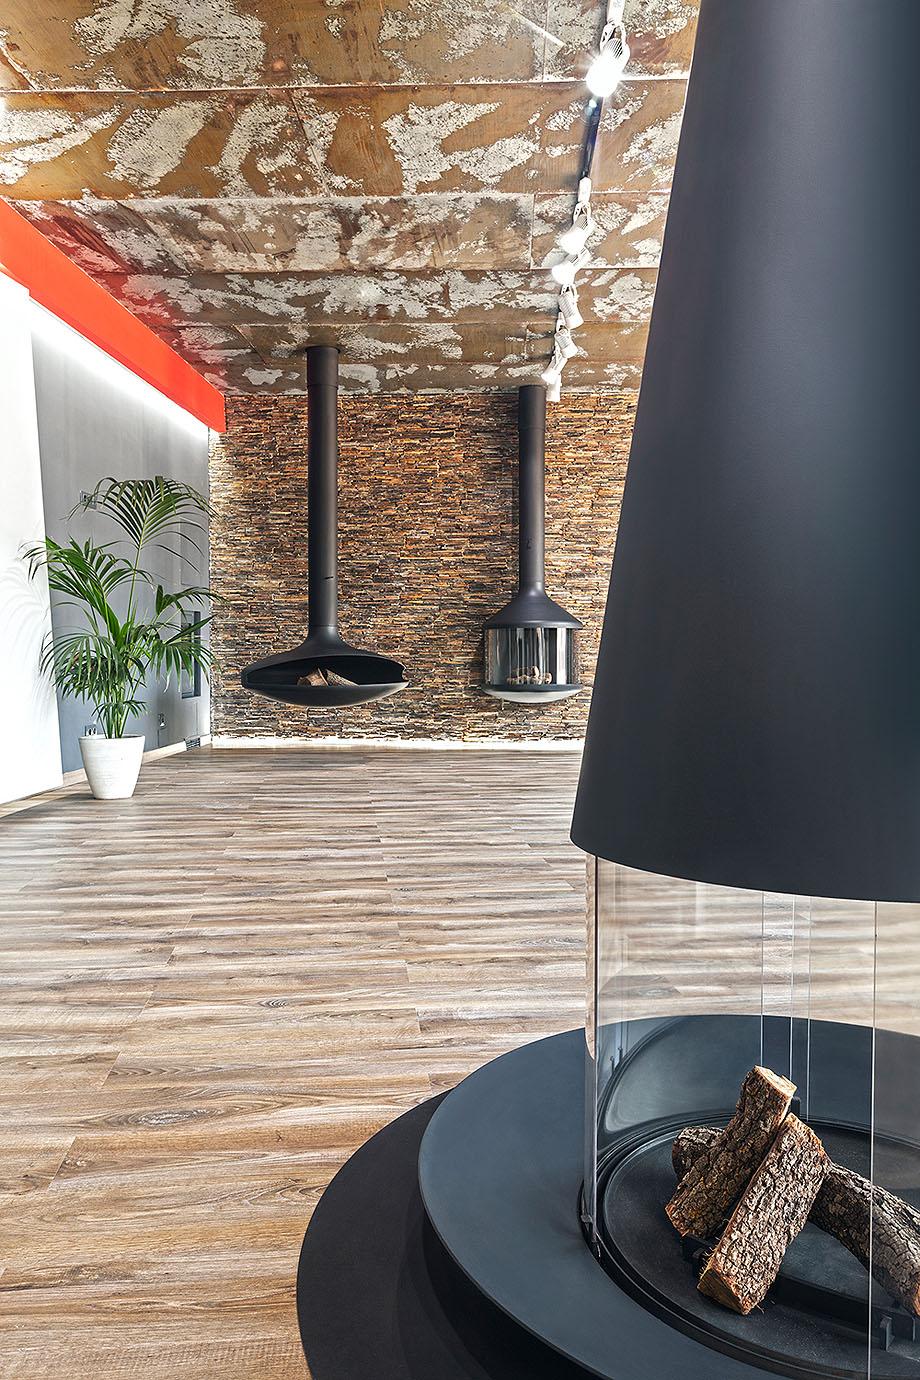 showroom de focus en barcelona (4)